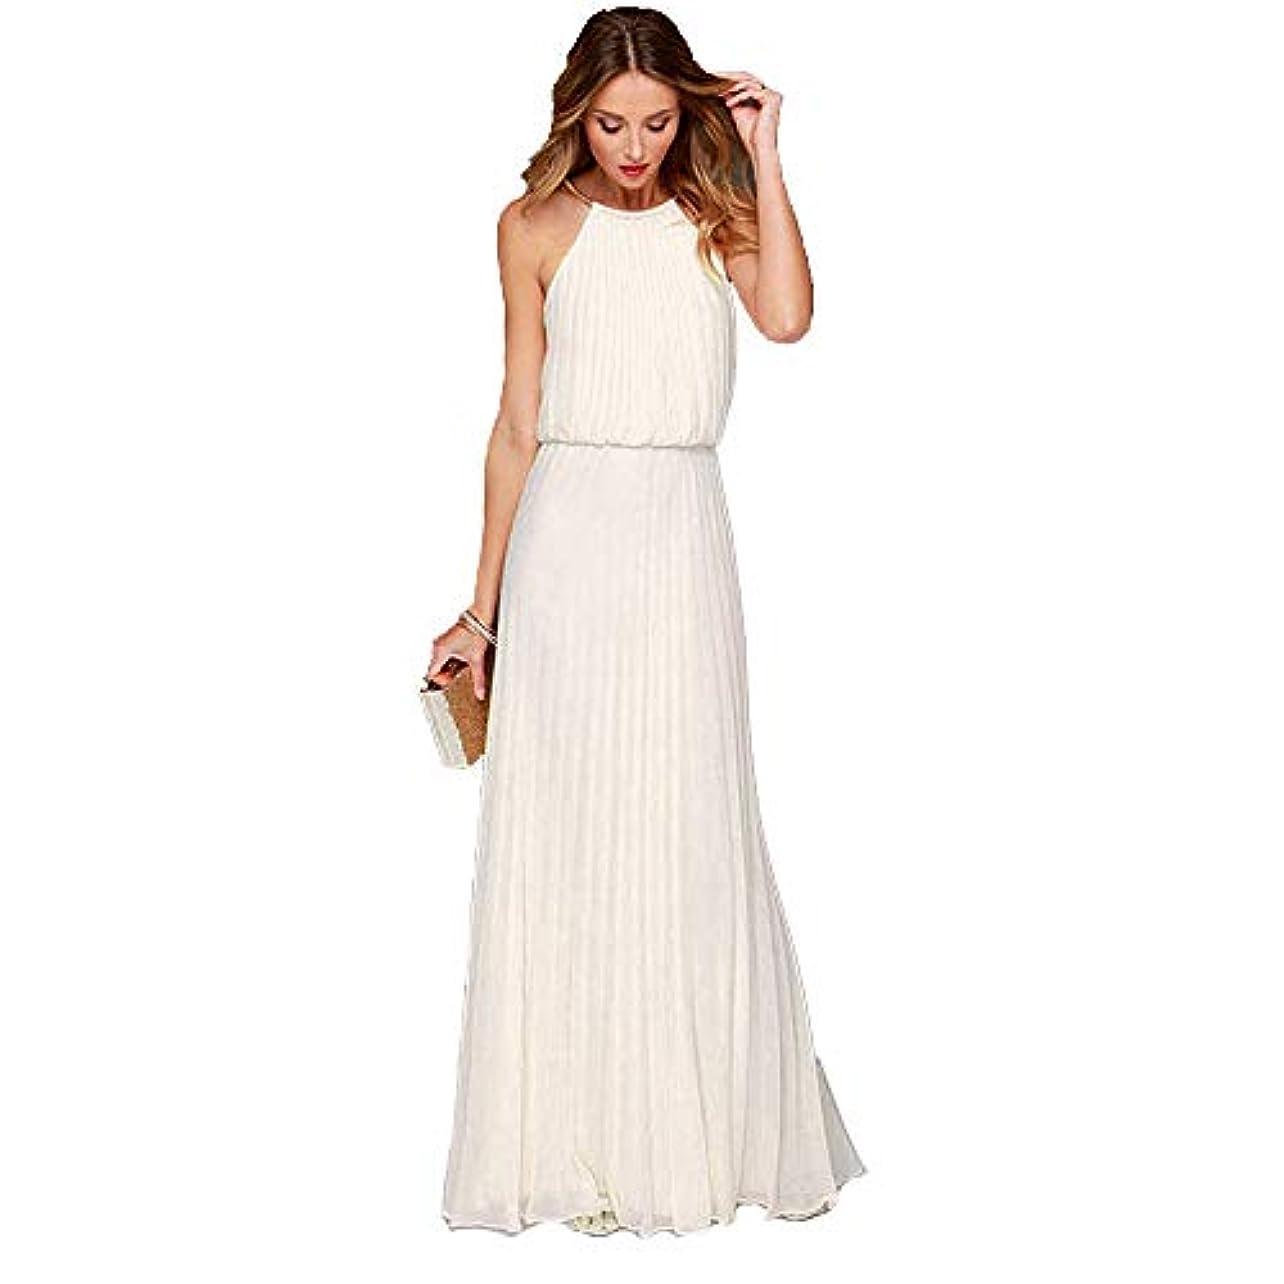 自治的帰る理論的MIFANロングドレス、セクシーなドレス、エレガント、女性のファッション、ノースリーブのドレス、ファッションドレス、ニット、スリム